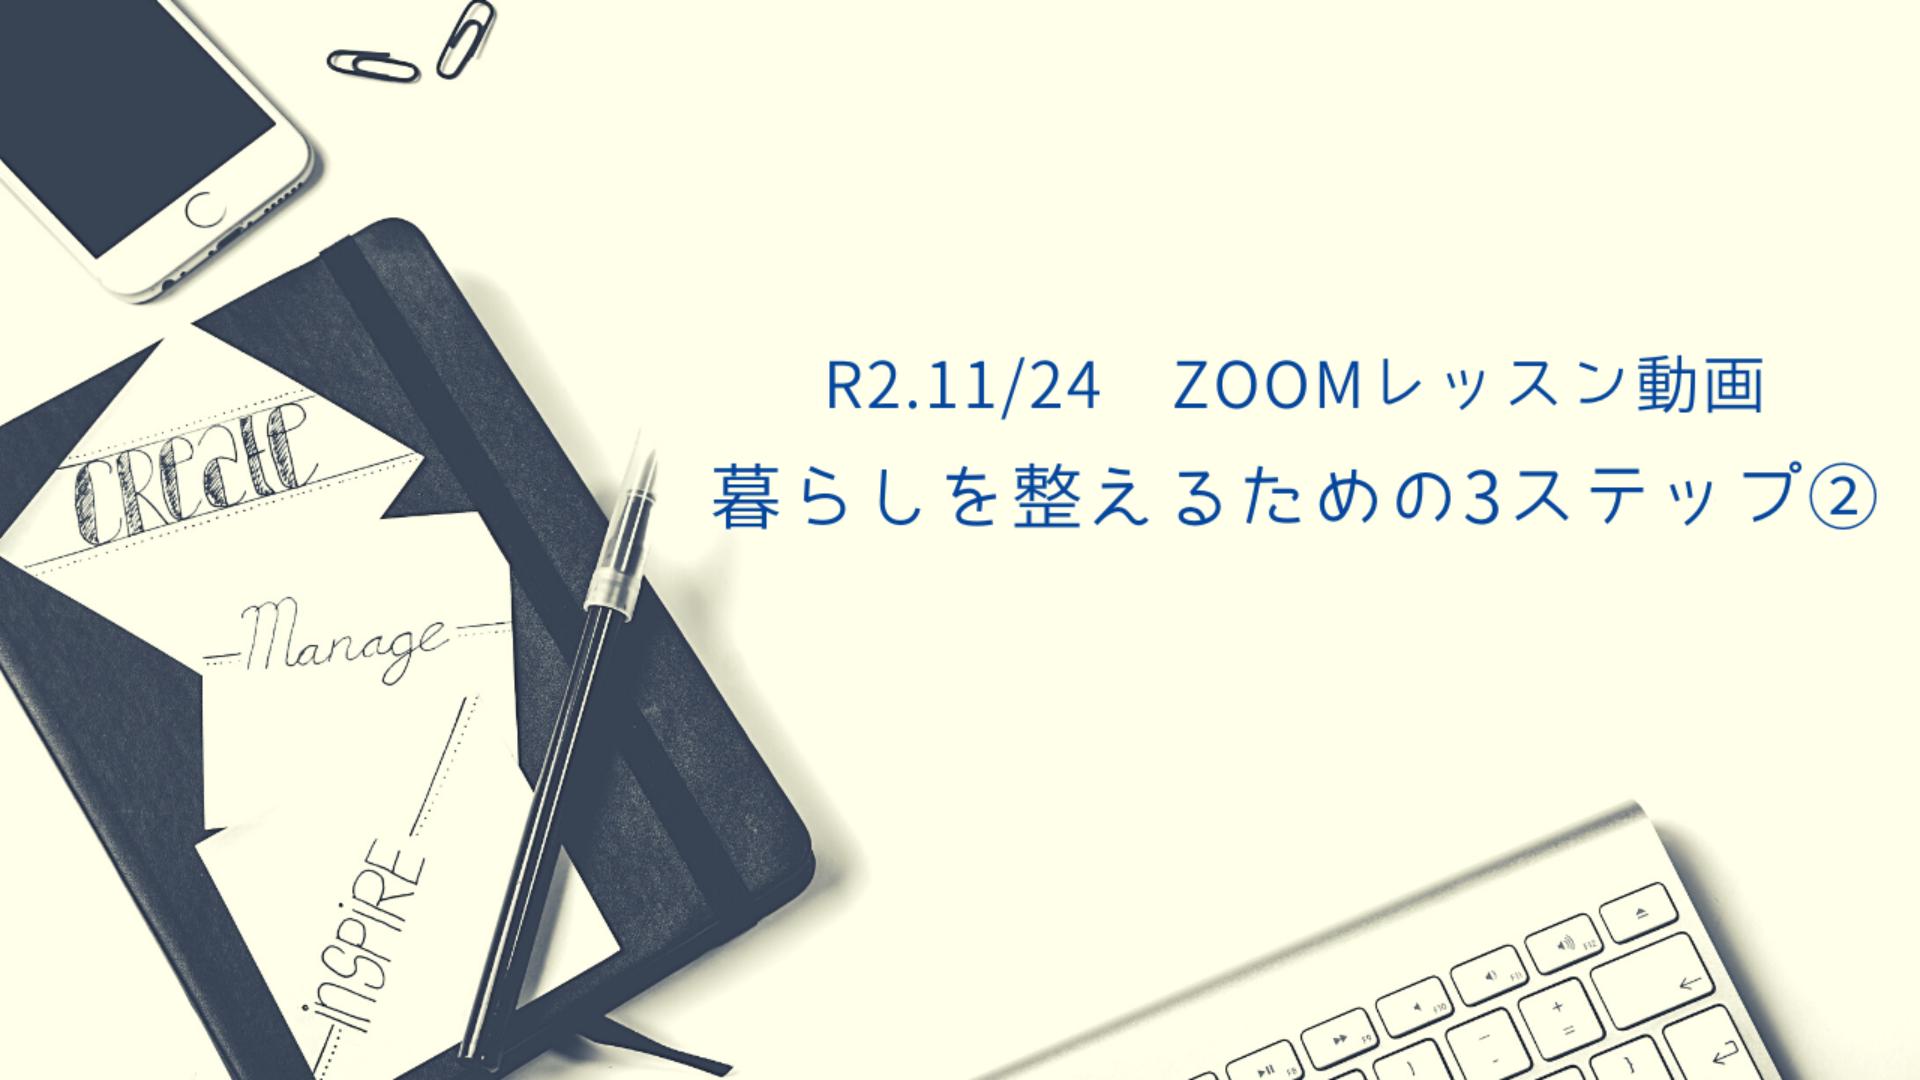 【暮らしを整えるための3ステップ②】ZOOMレッスン動画